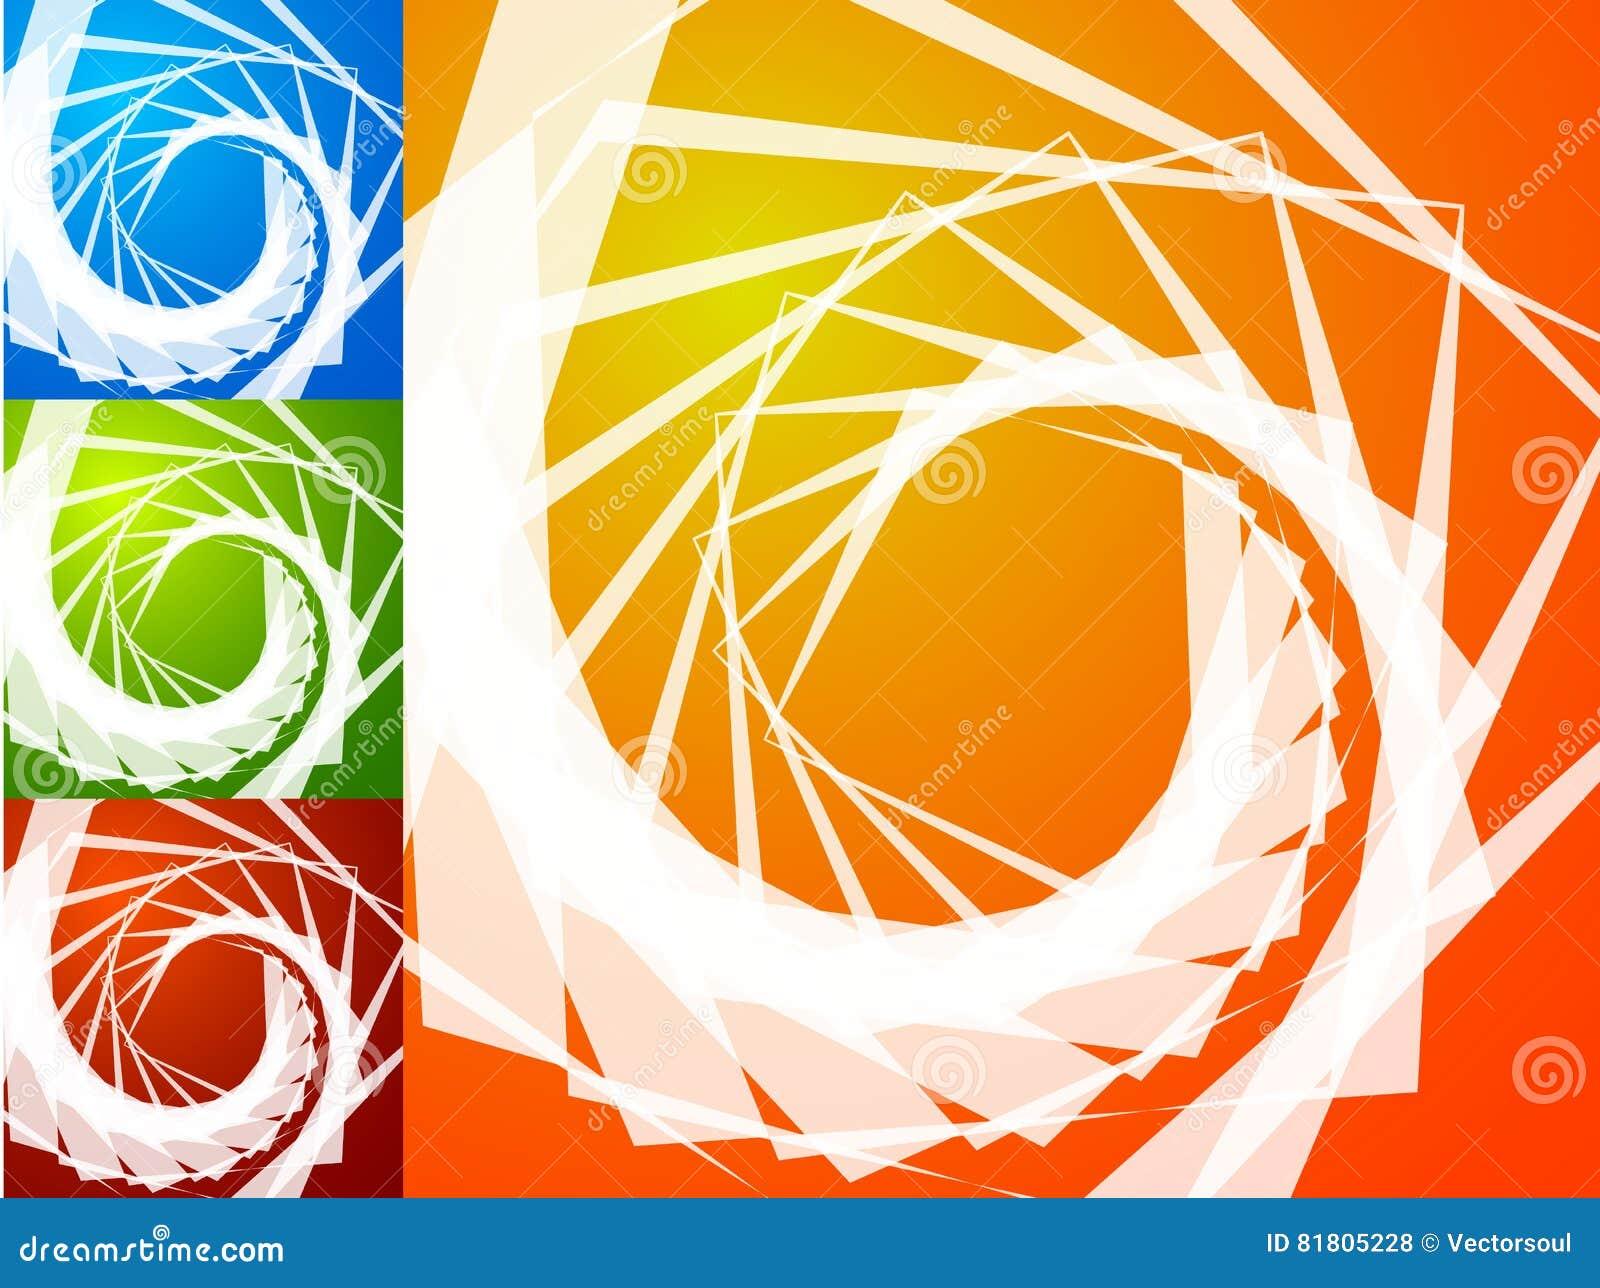 Colorful bright spirally background. Spiral, vortex background s